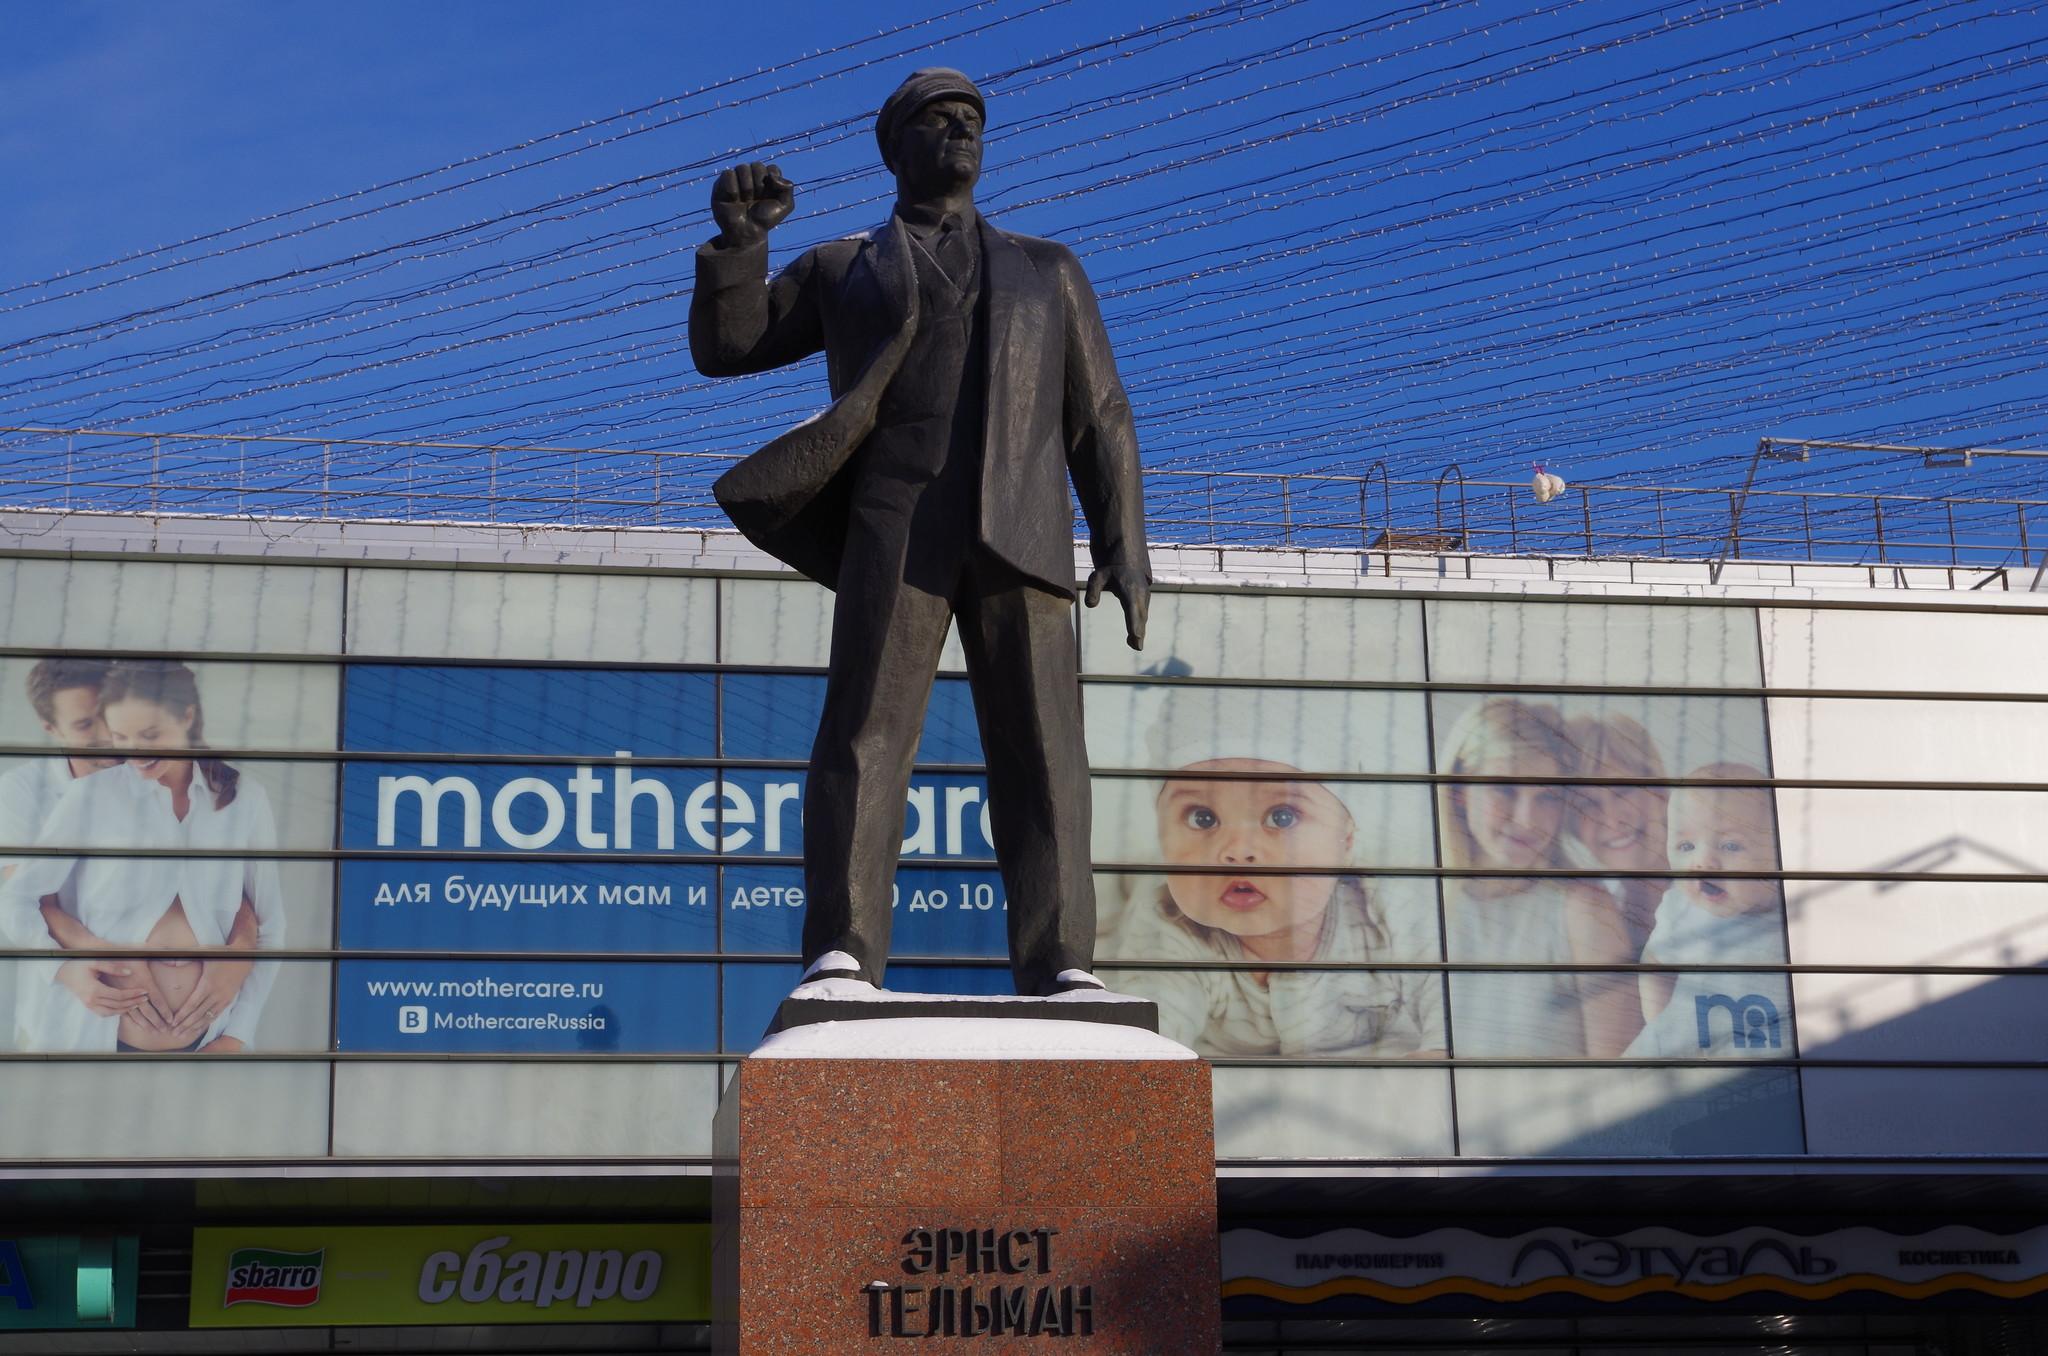 Памятник Эрнсту Тельману открыли в Москве в год празднования 100-летнего юбилея со дня его рождения